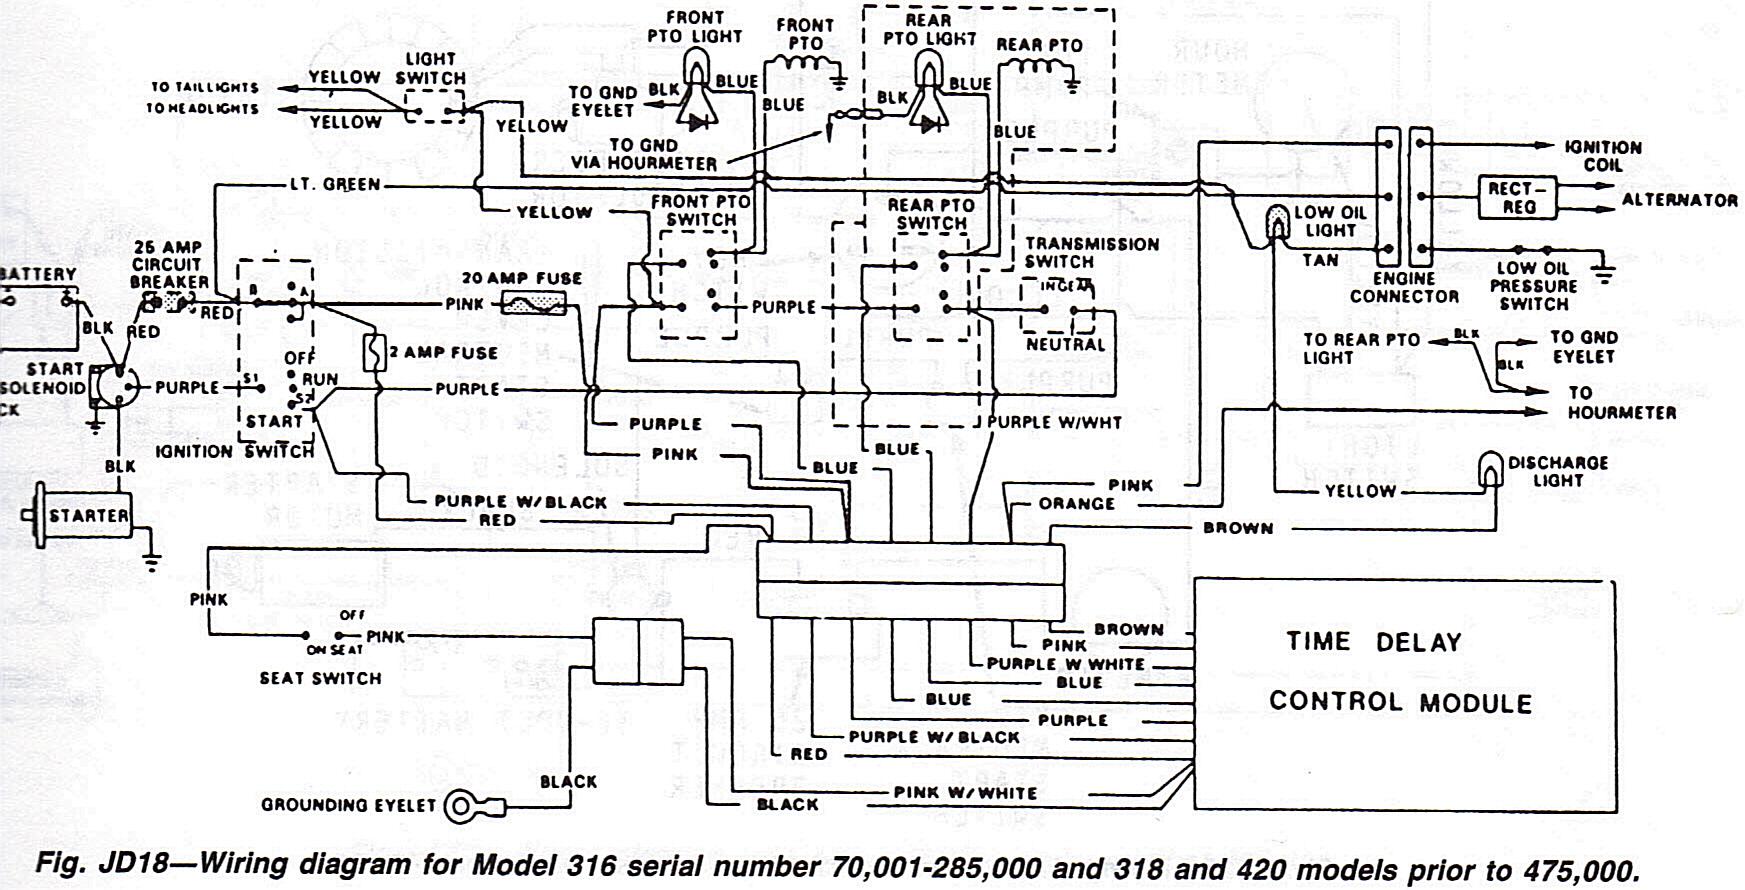 john deere 445 wiring diagram john image wiring john deere 445 wiring diagram john home wiring diagrams on john deere 445 wiring diagram